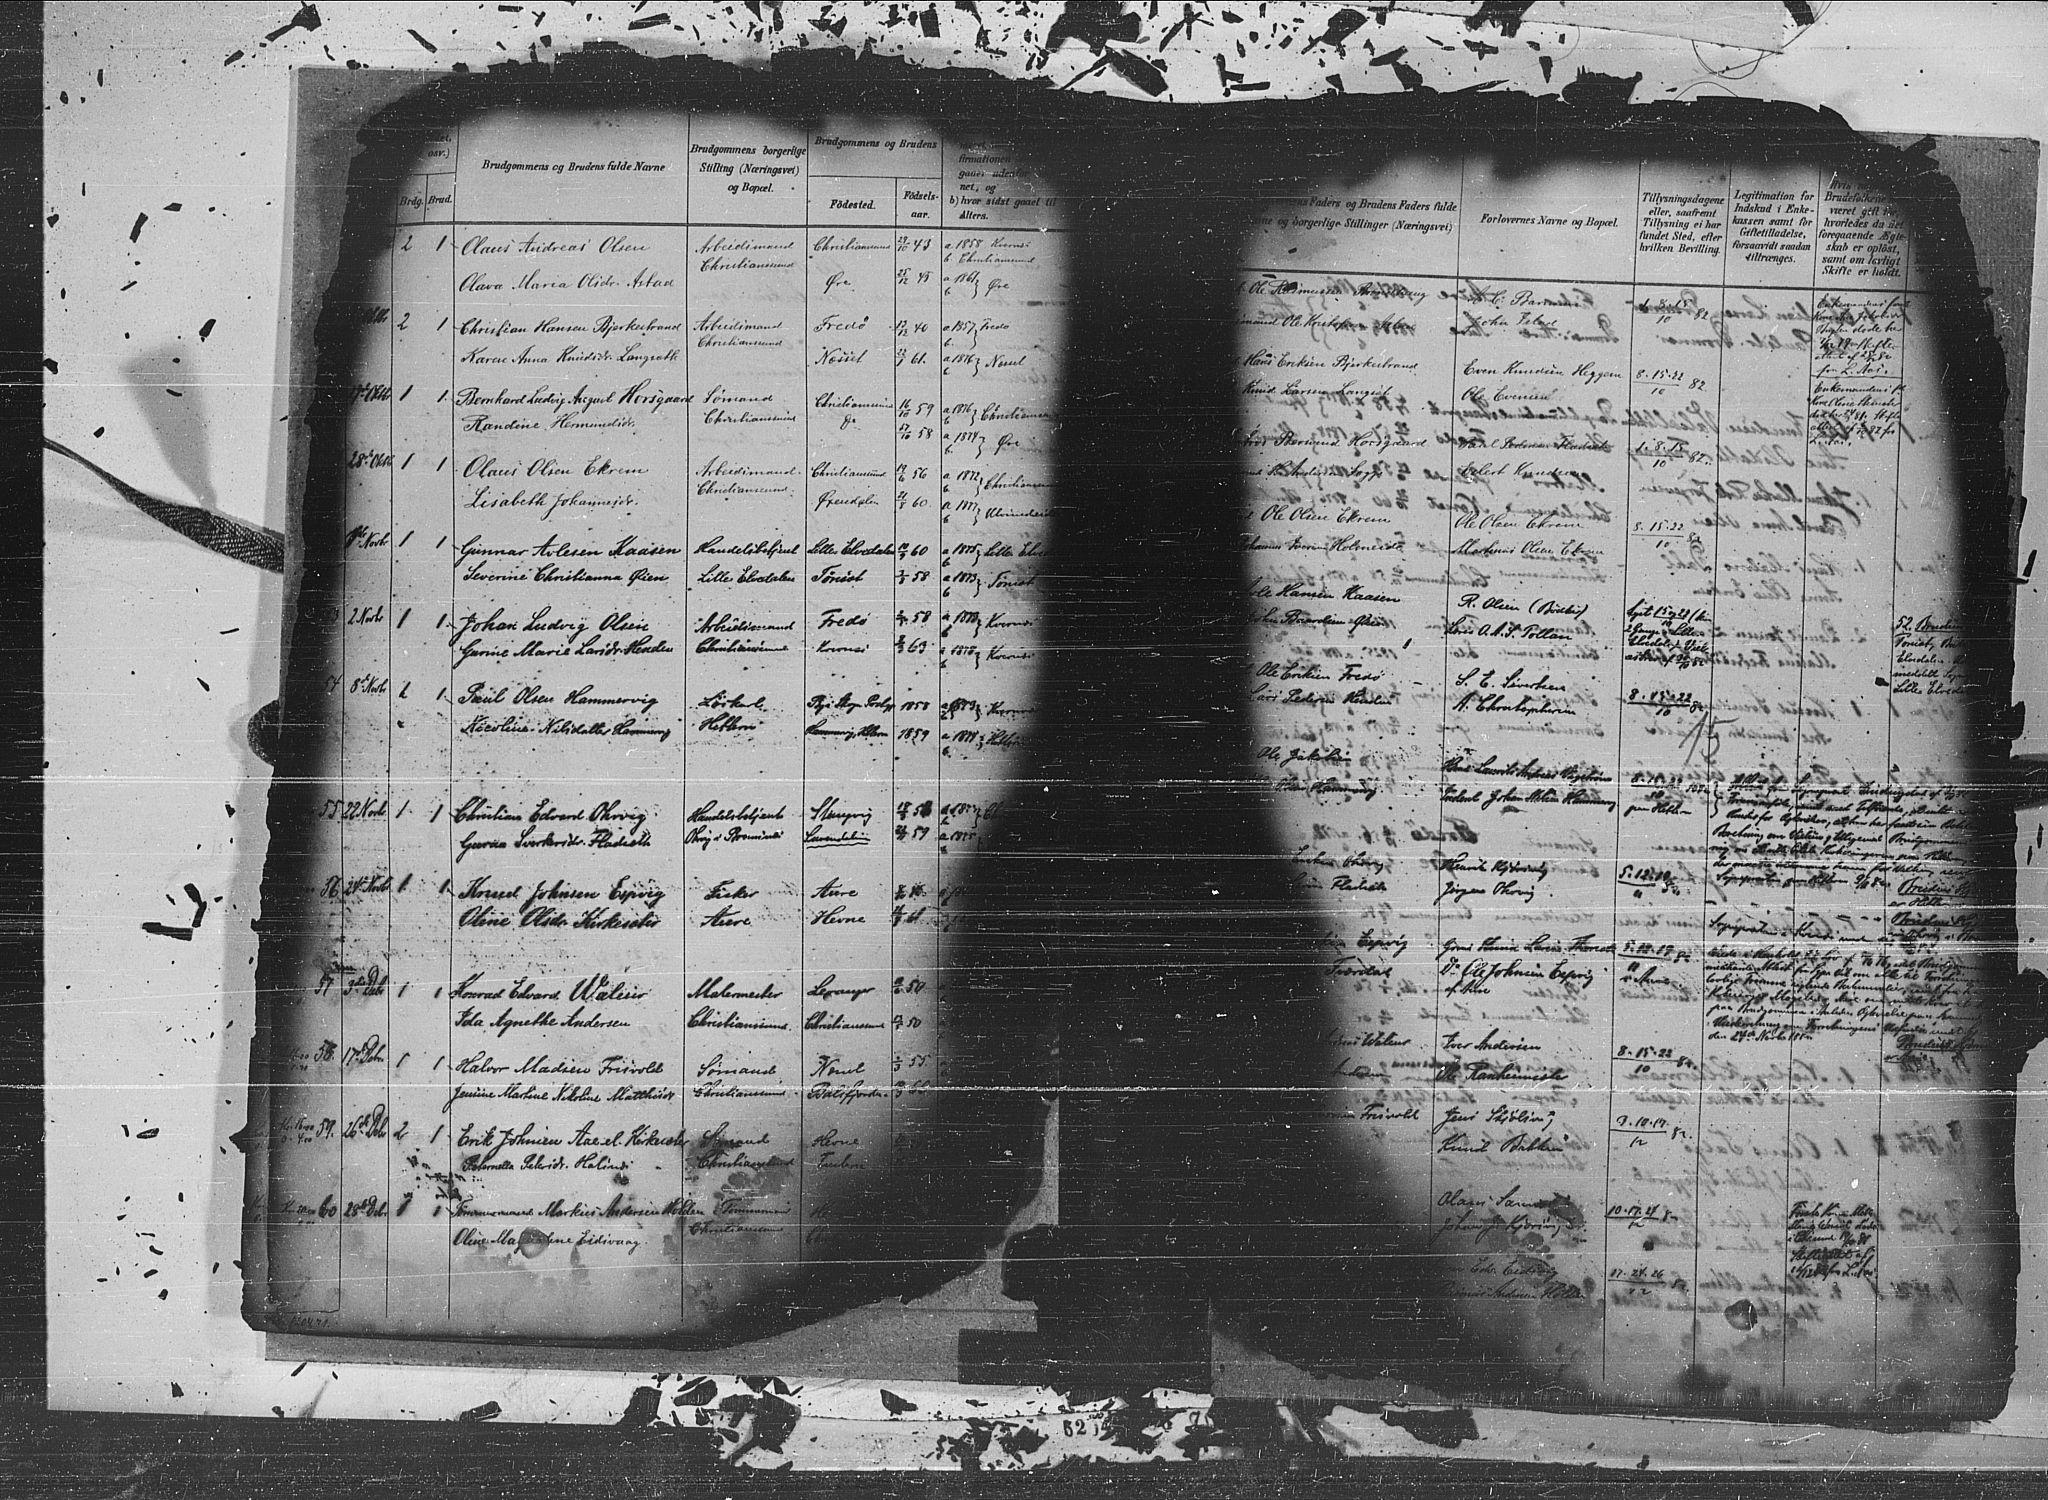 SAT, Ministerialprotokoller, klokkerbøker og fødselsregistre - Møre og Romsdal, 572/L0854: Ministerialbok nr. 572A17, 1880-1905, s. 15